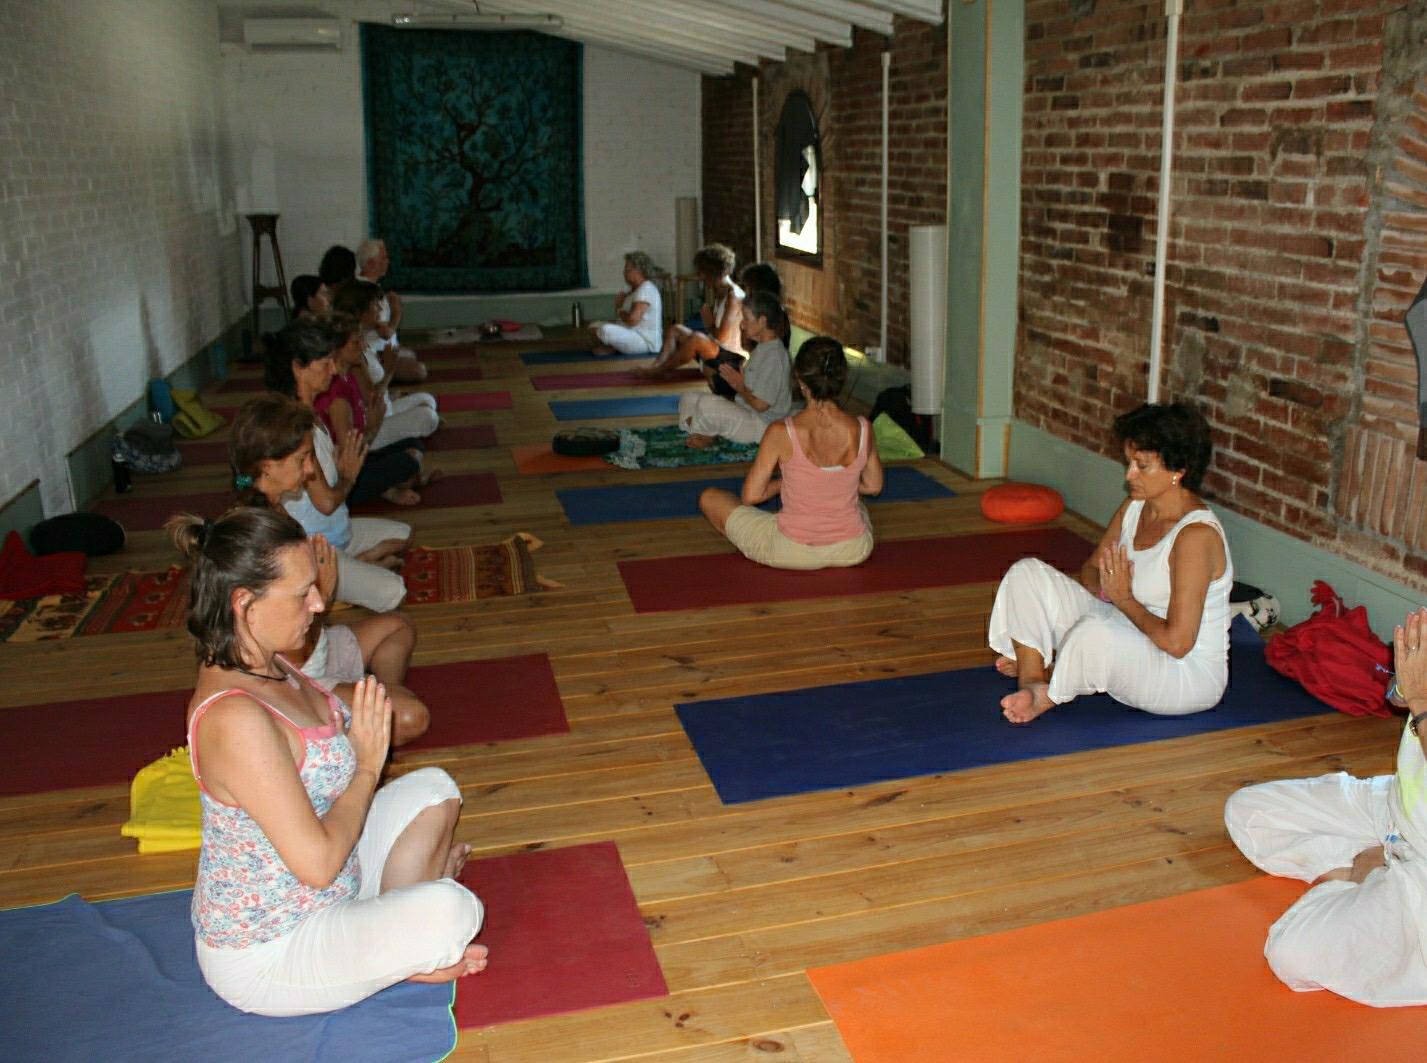 Personas meditando en clase de yoga